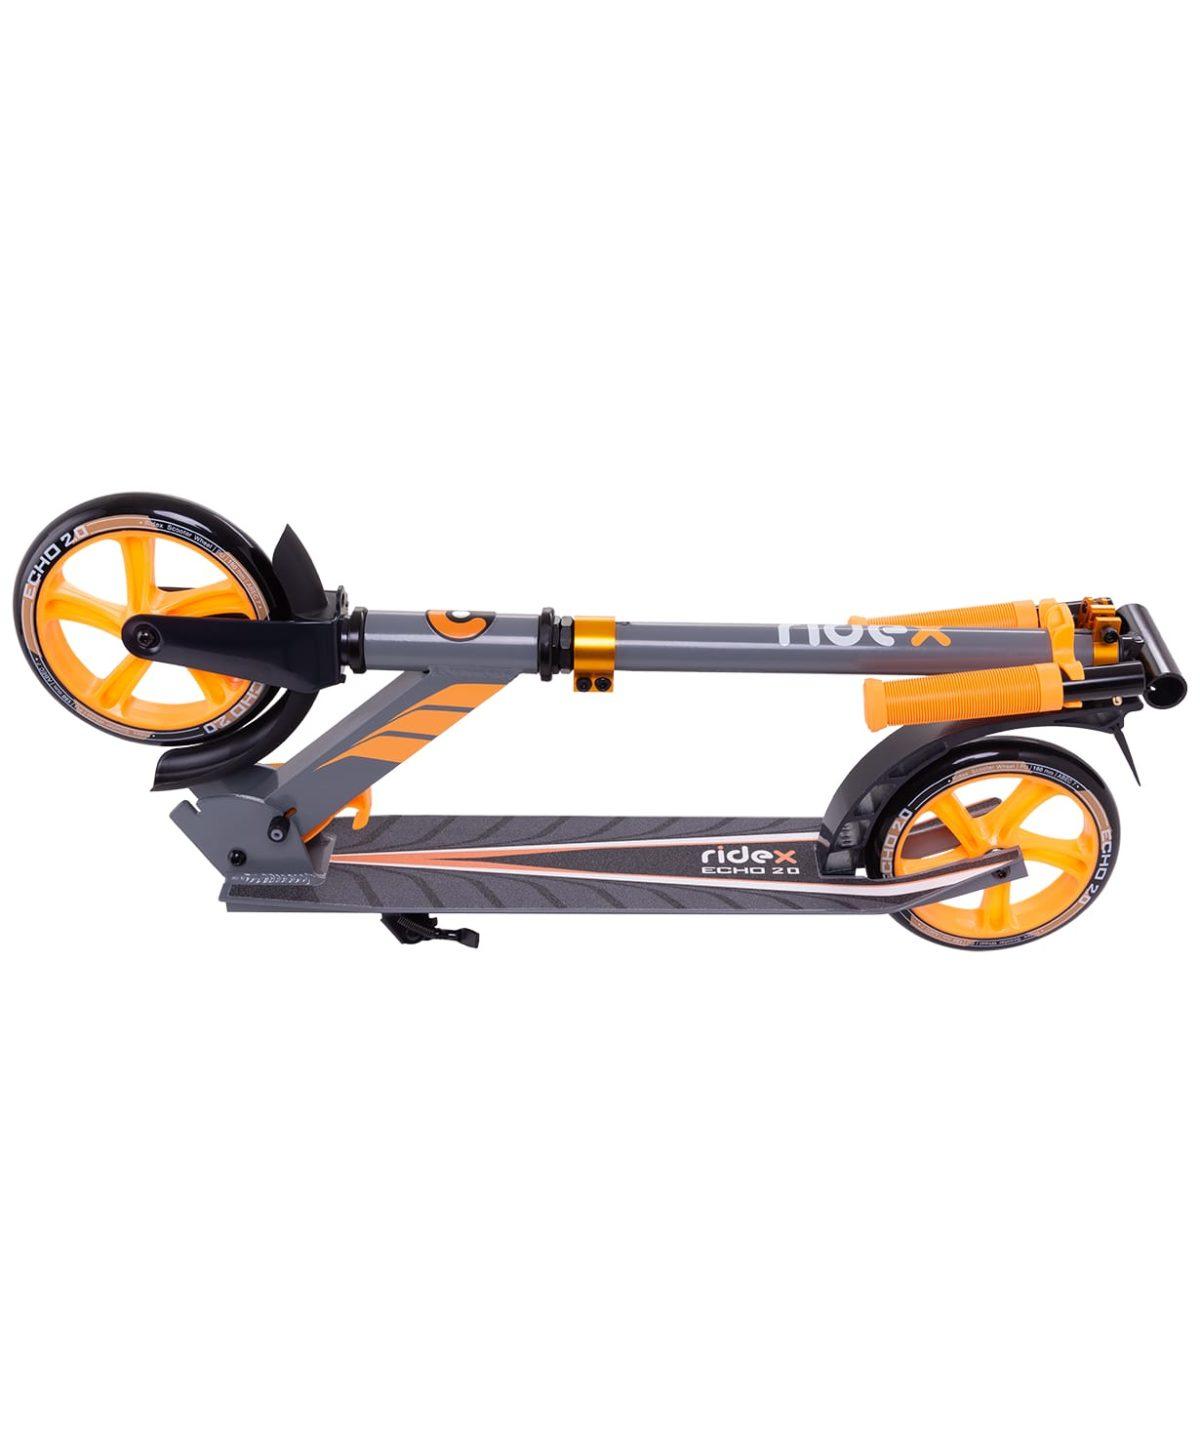 RIDEX Echo Самокат 2-х колесный 180 мм  Echo: оранжевый - 2